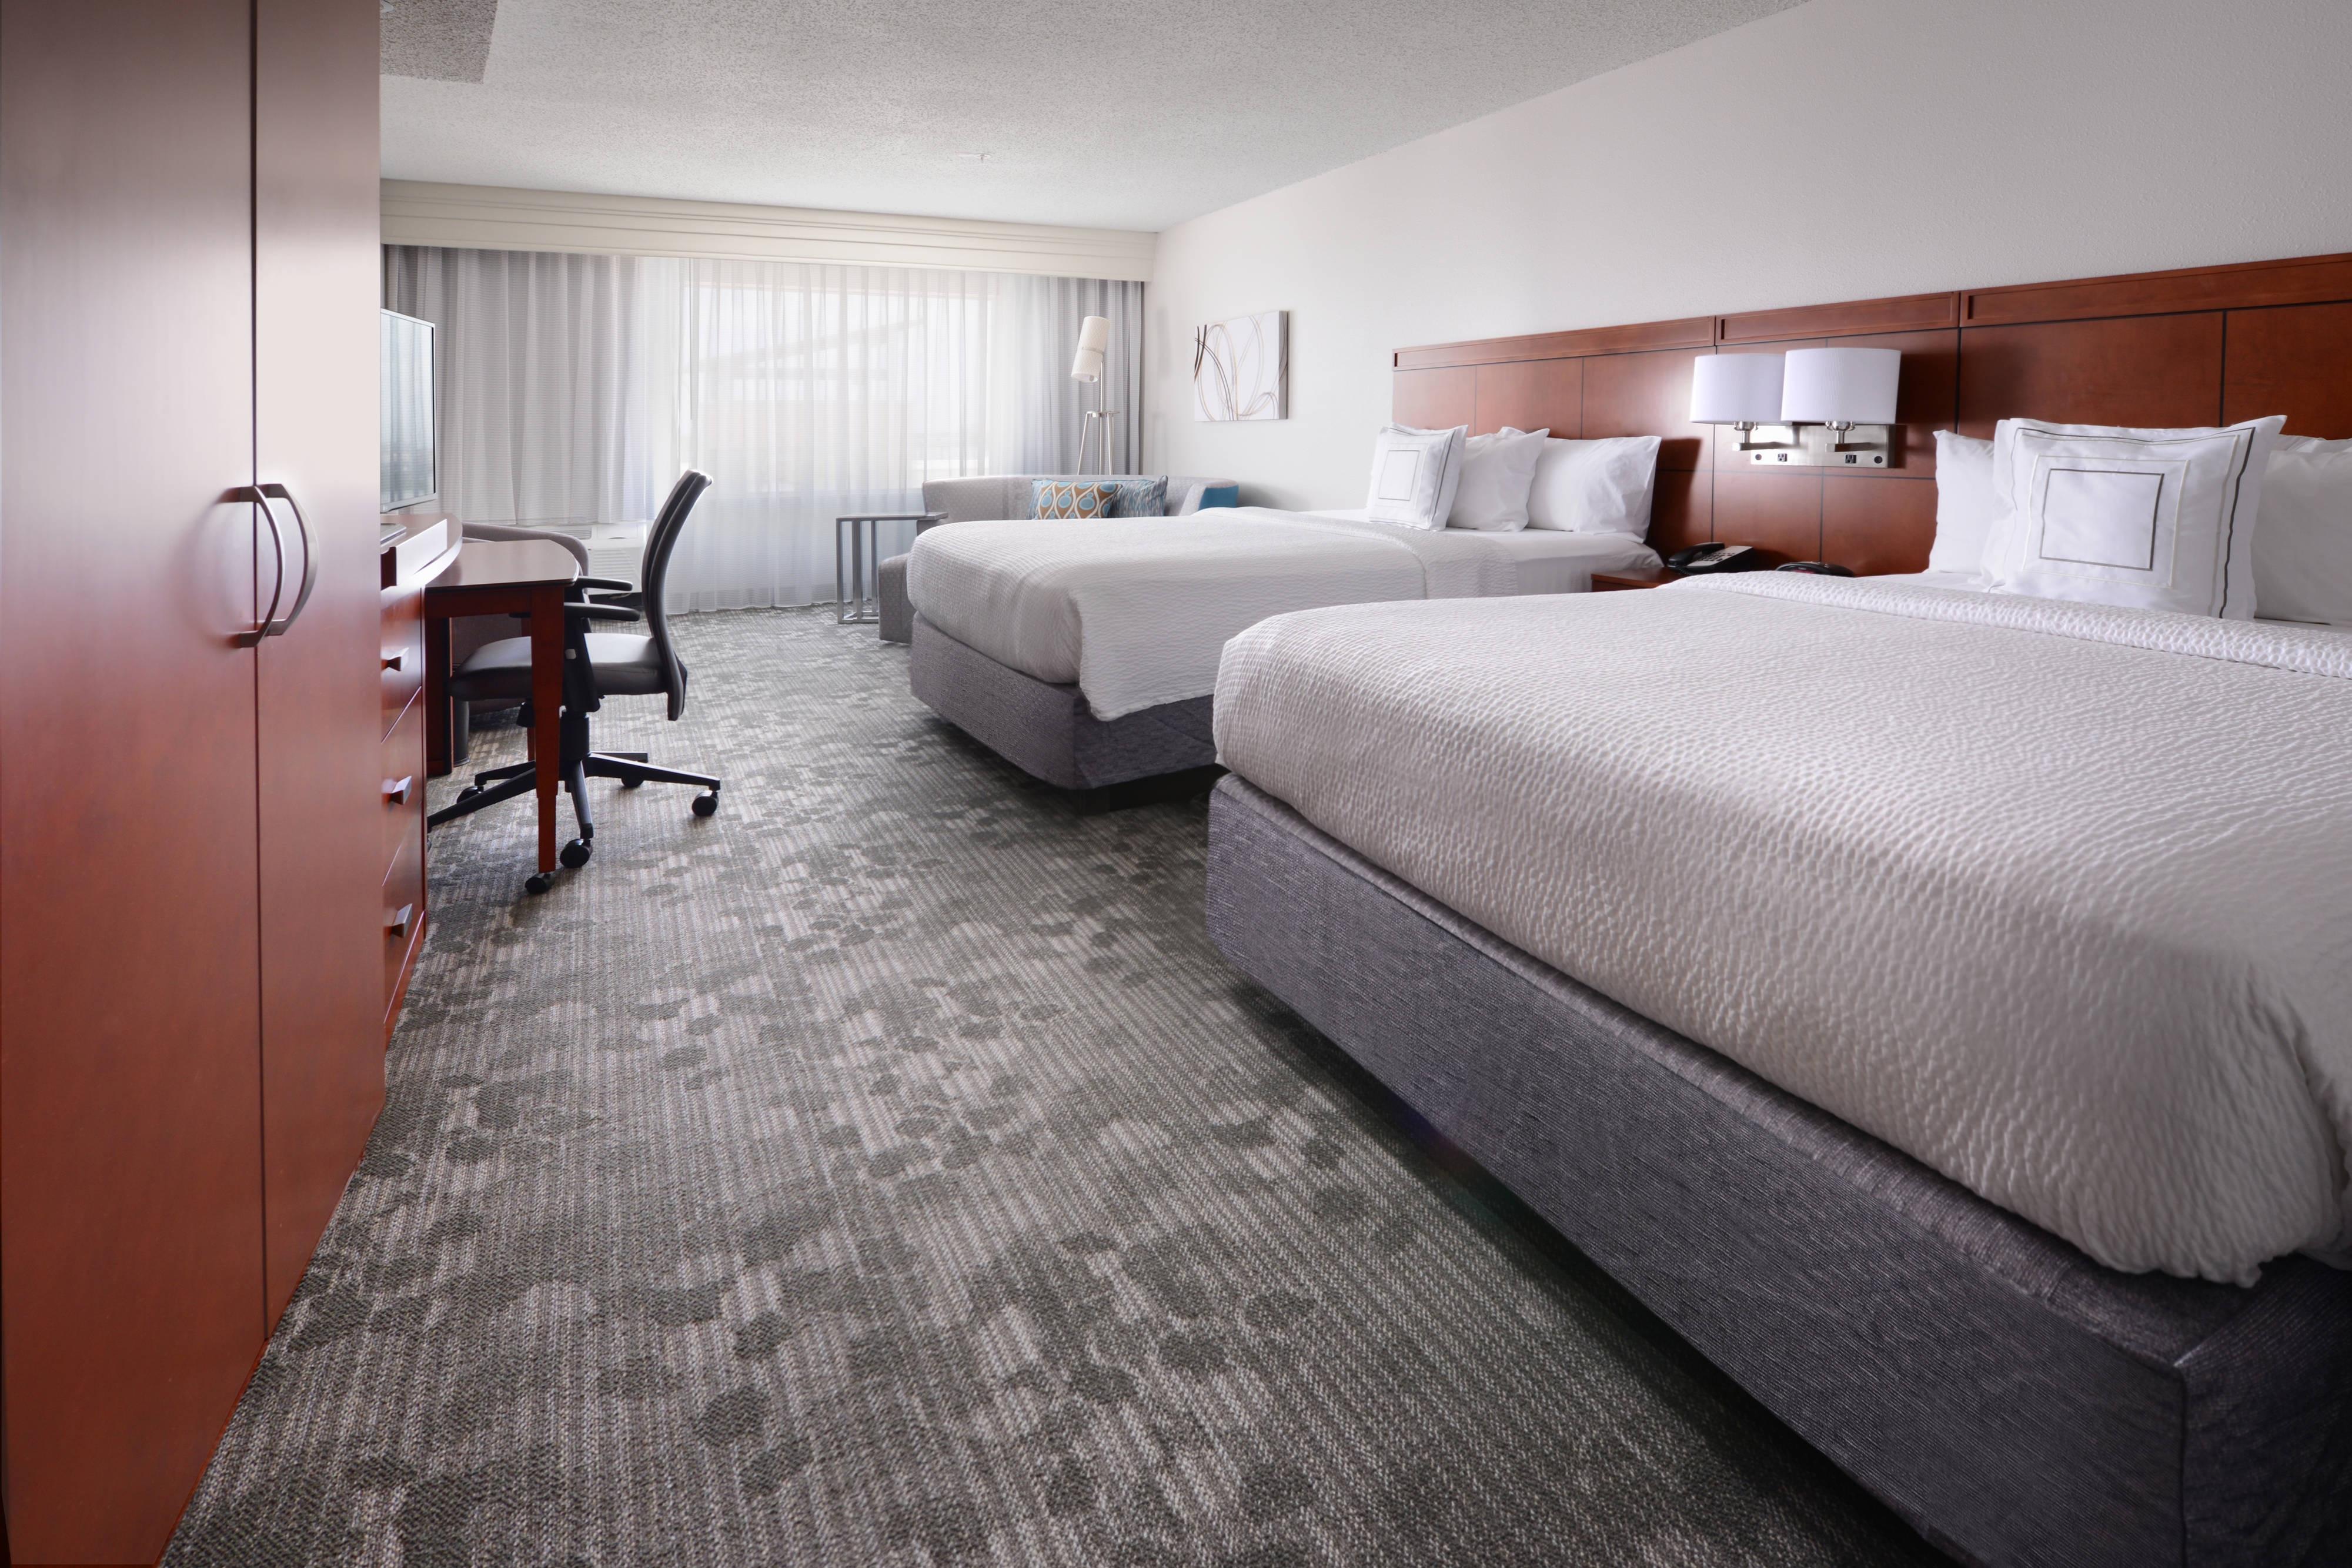 Queen/Queen Guest Room with Sofa Bed